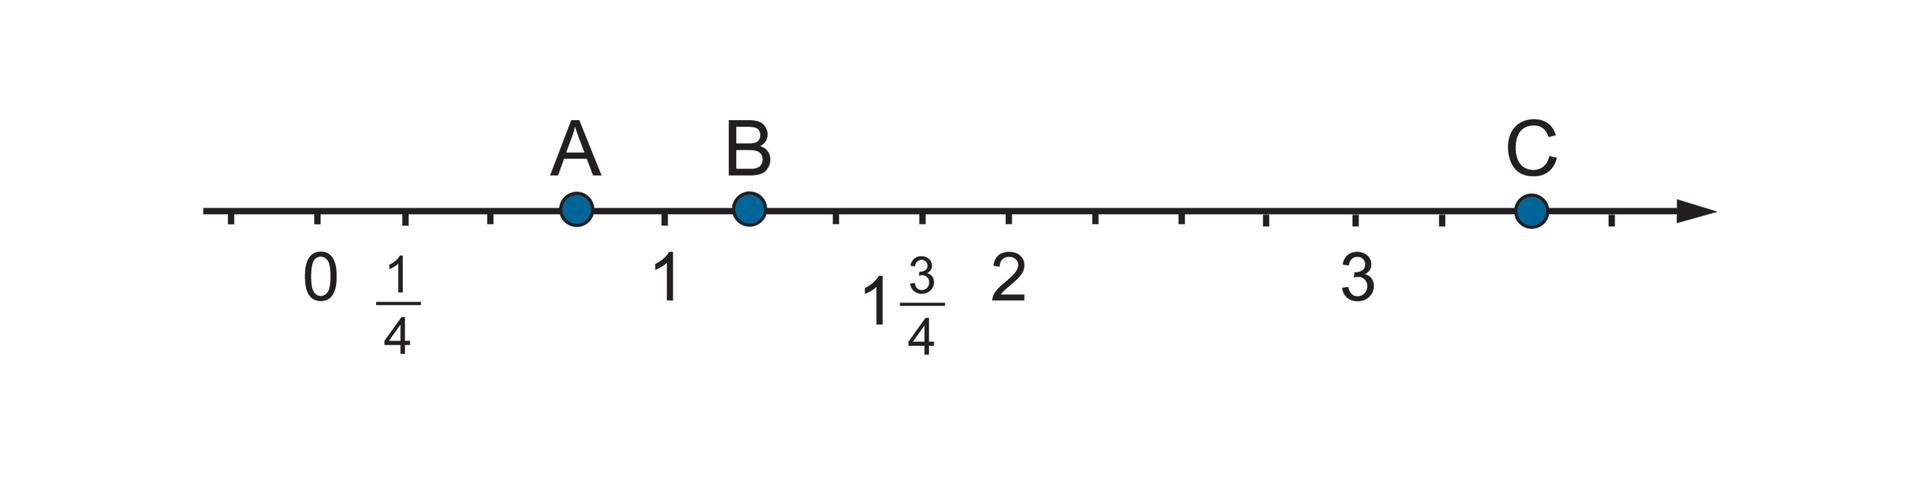 Rysunek osi liczbowej zzaznaczonymi punktami 0, jedna czwarta, 1, jeden itrzy czwarte, 2 i3. Odcinek jednostkowy podzielony na 4 równe części. Punkt Awyznacza 3 części za punktem 0. Punkt Bwyznacza jedną część za punktem 1. Punkt Cwyznacza dwie części za punktem 3.